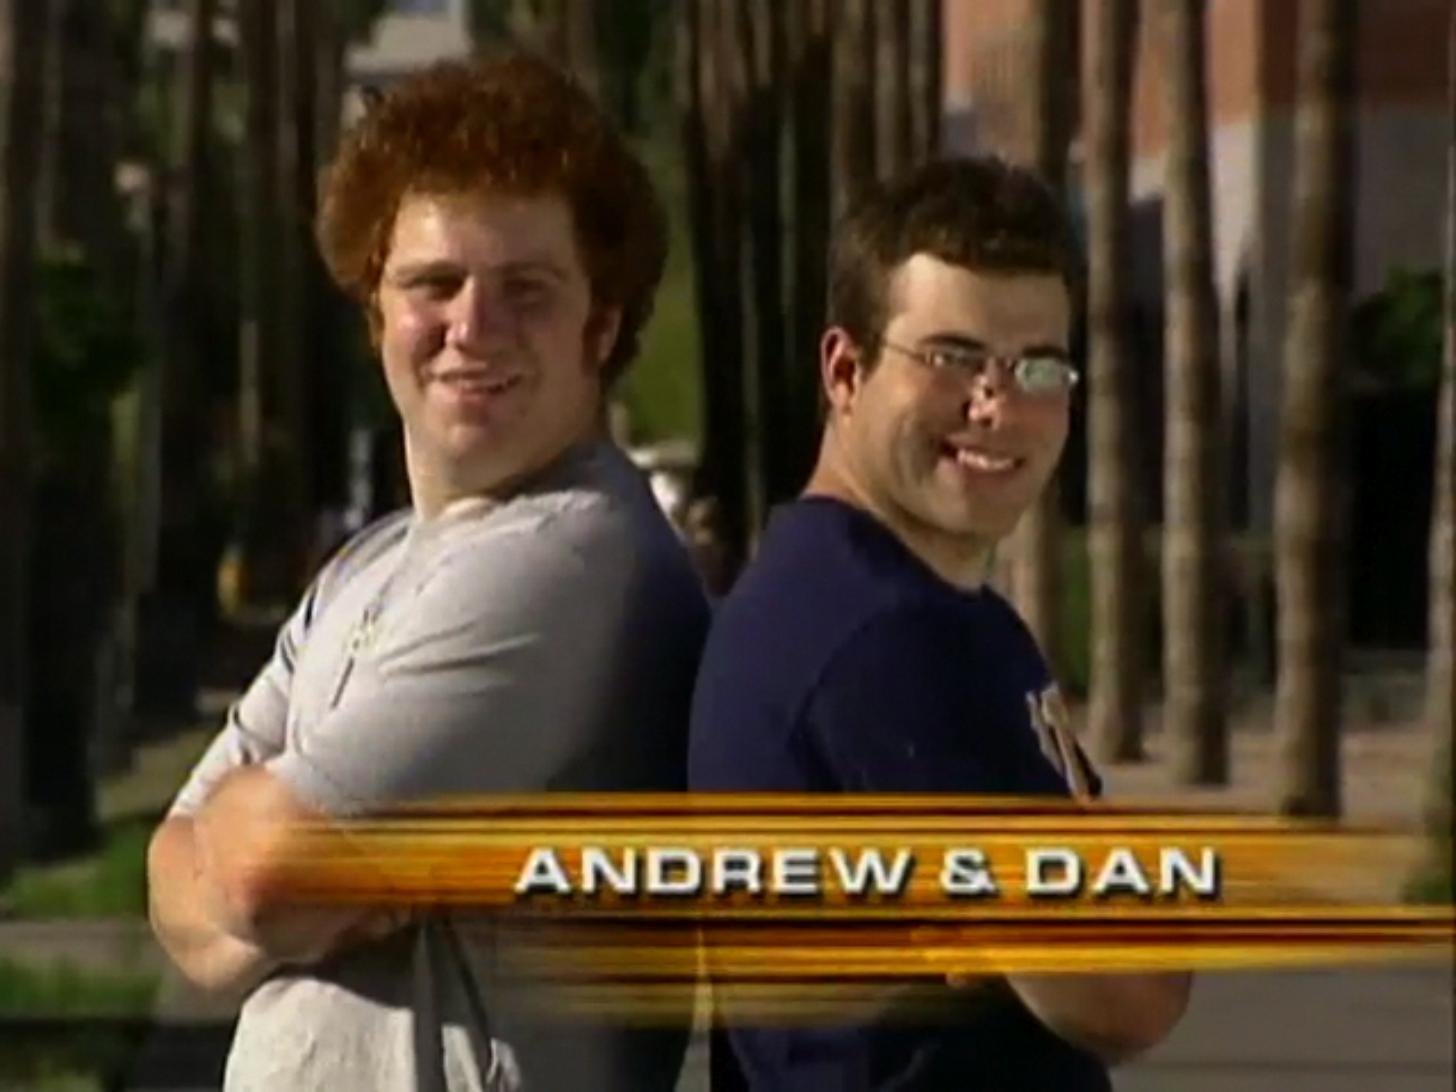 Andrew & Dan/Gallery